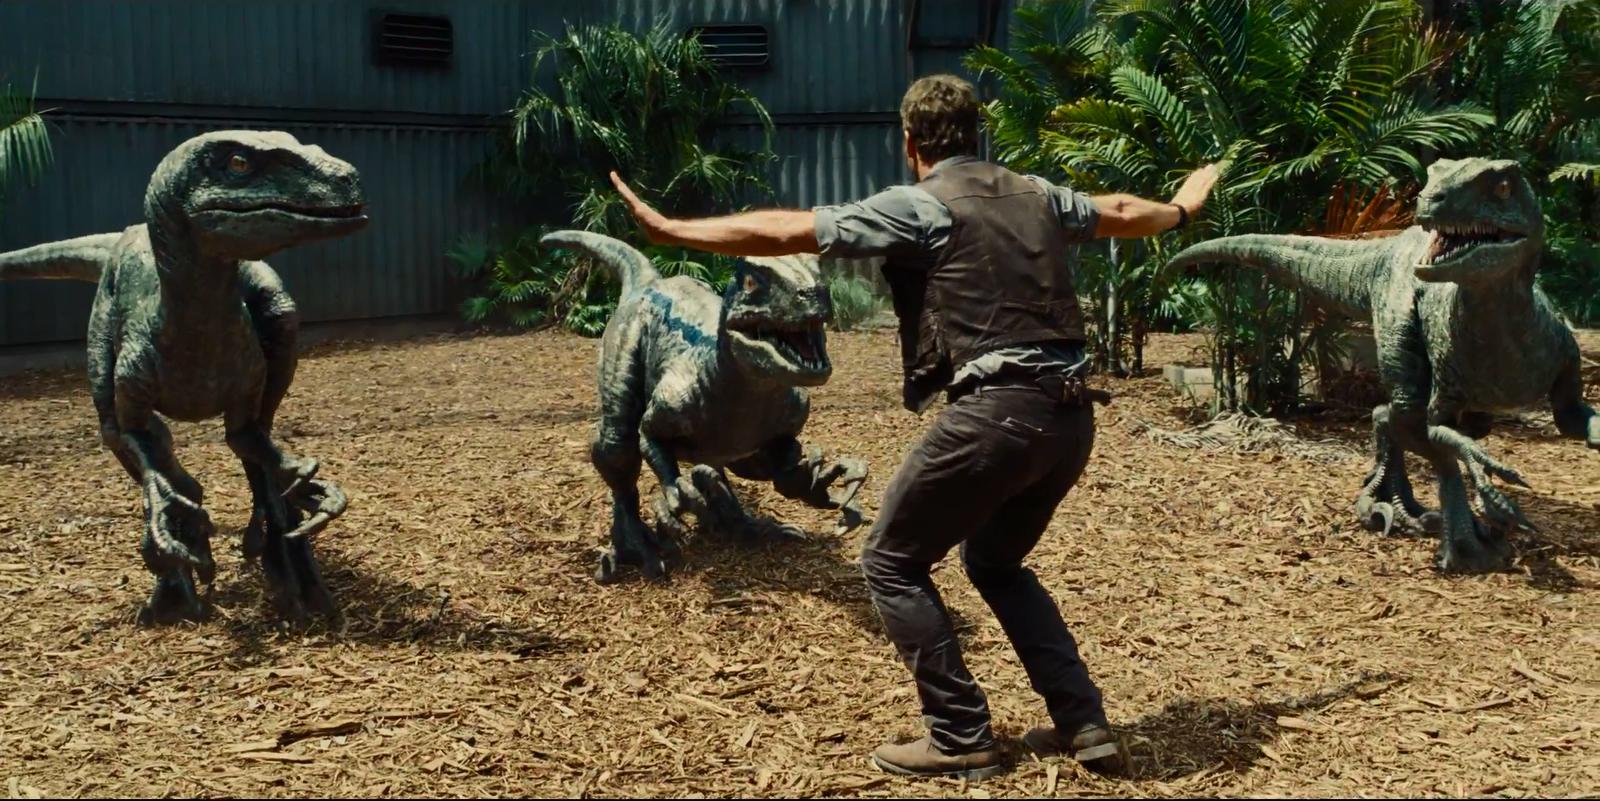 Мир Юрского периода (Jurassic World) 2015